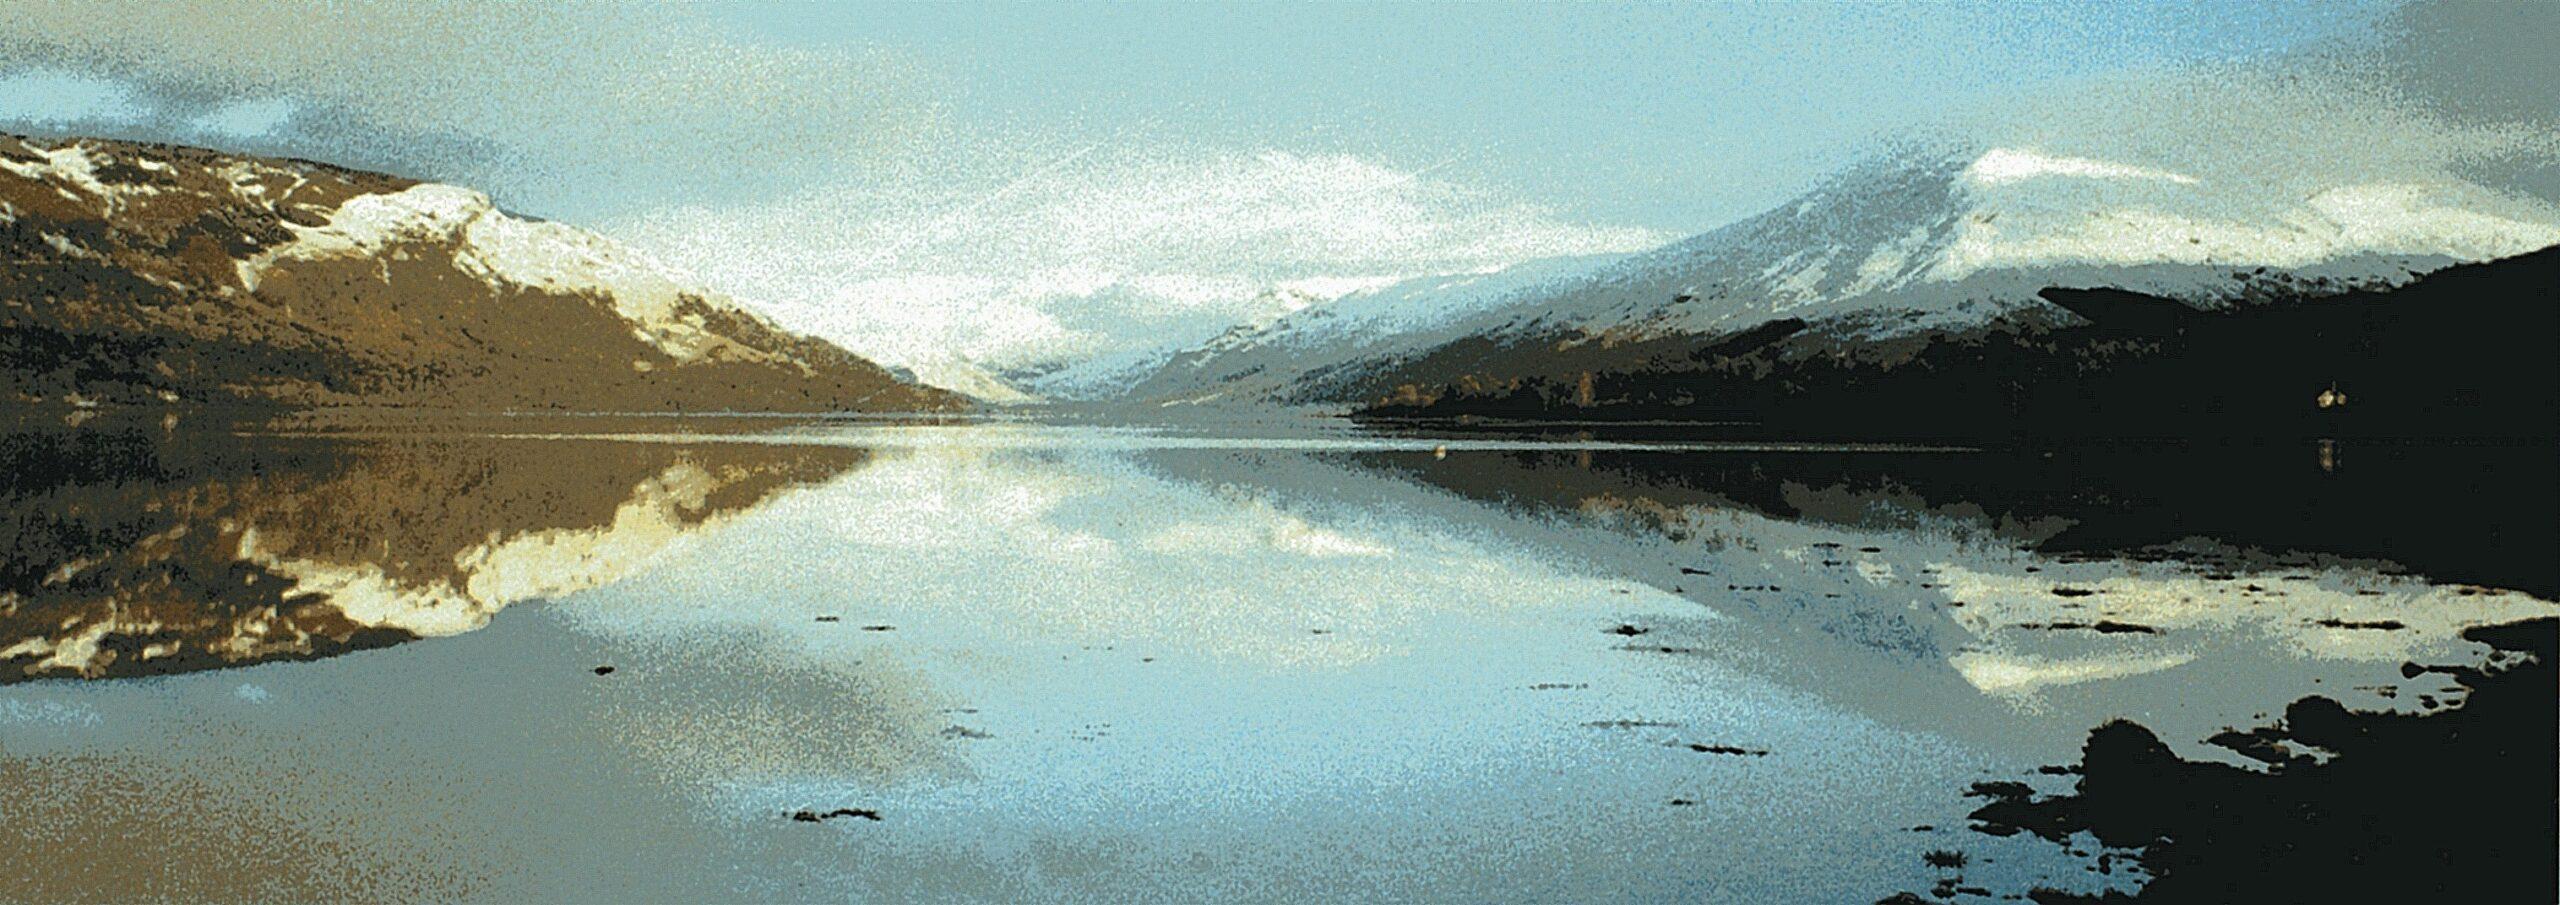 Head of Loch Fyne in winter